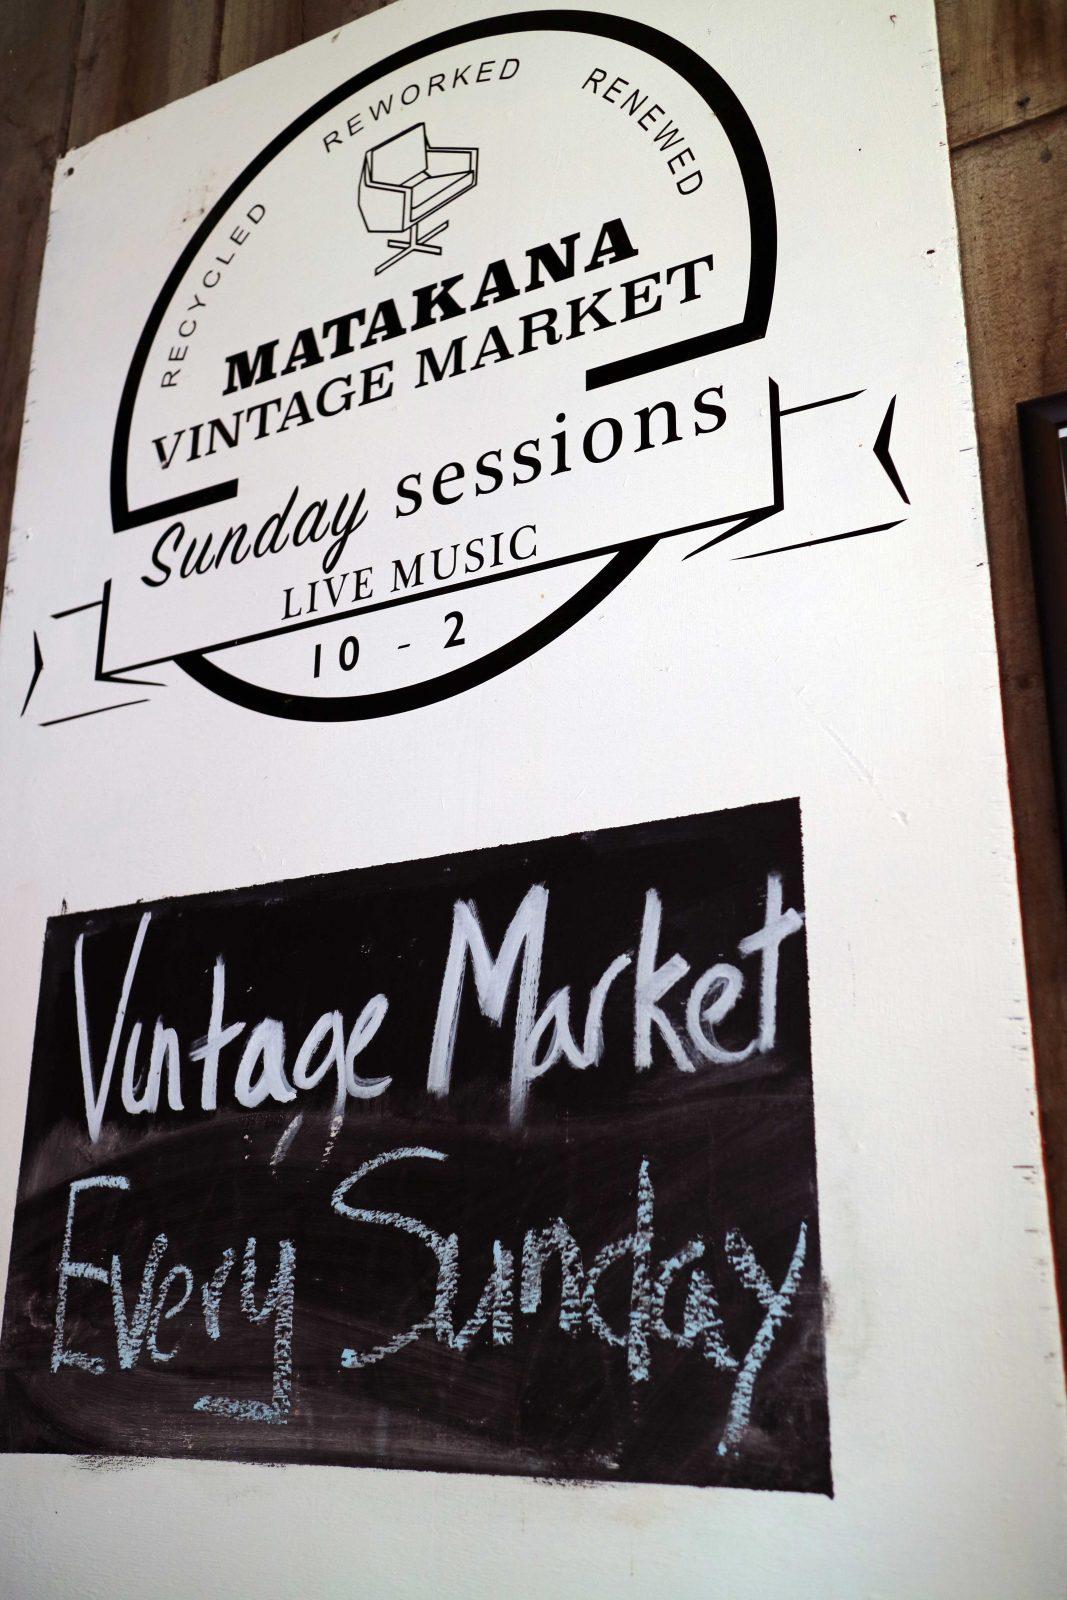 Matakana Weekend Market